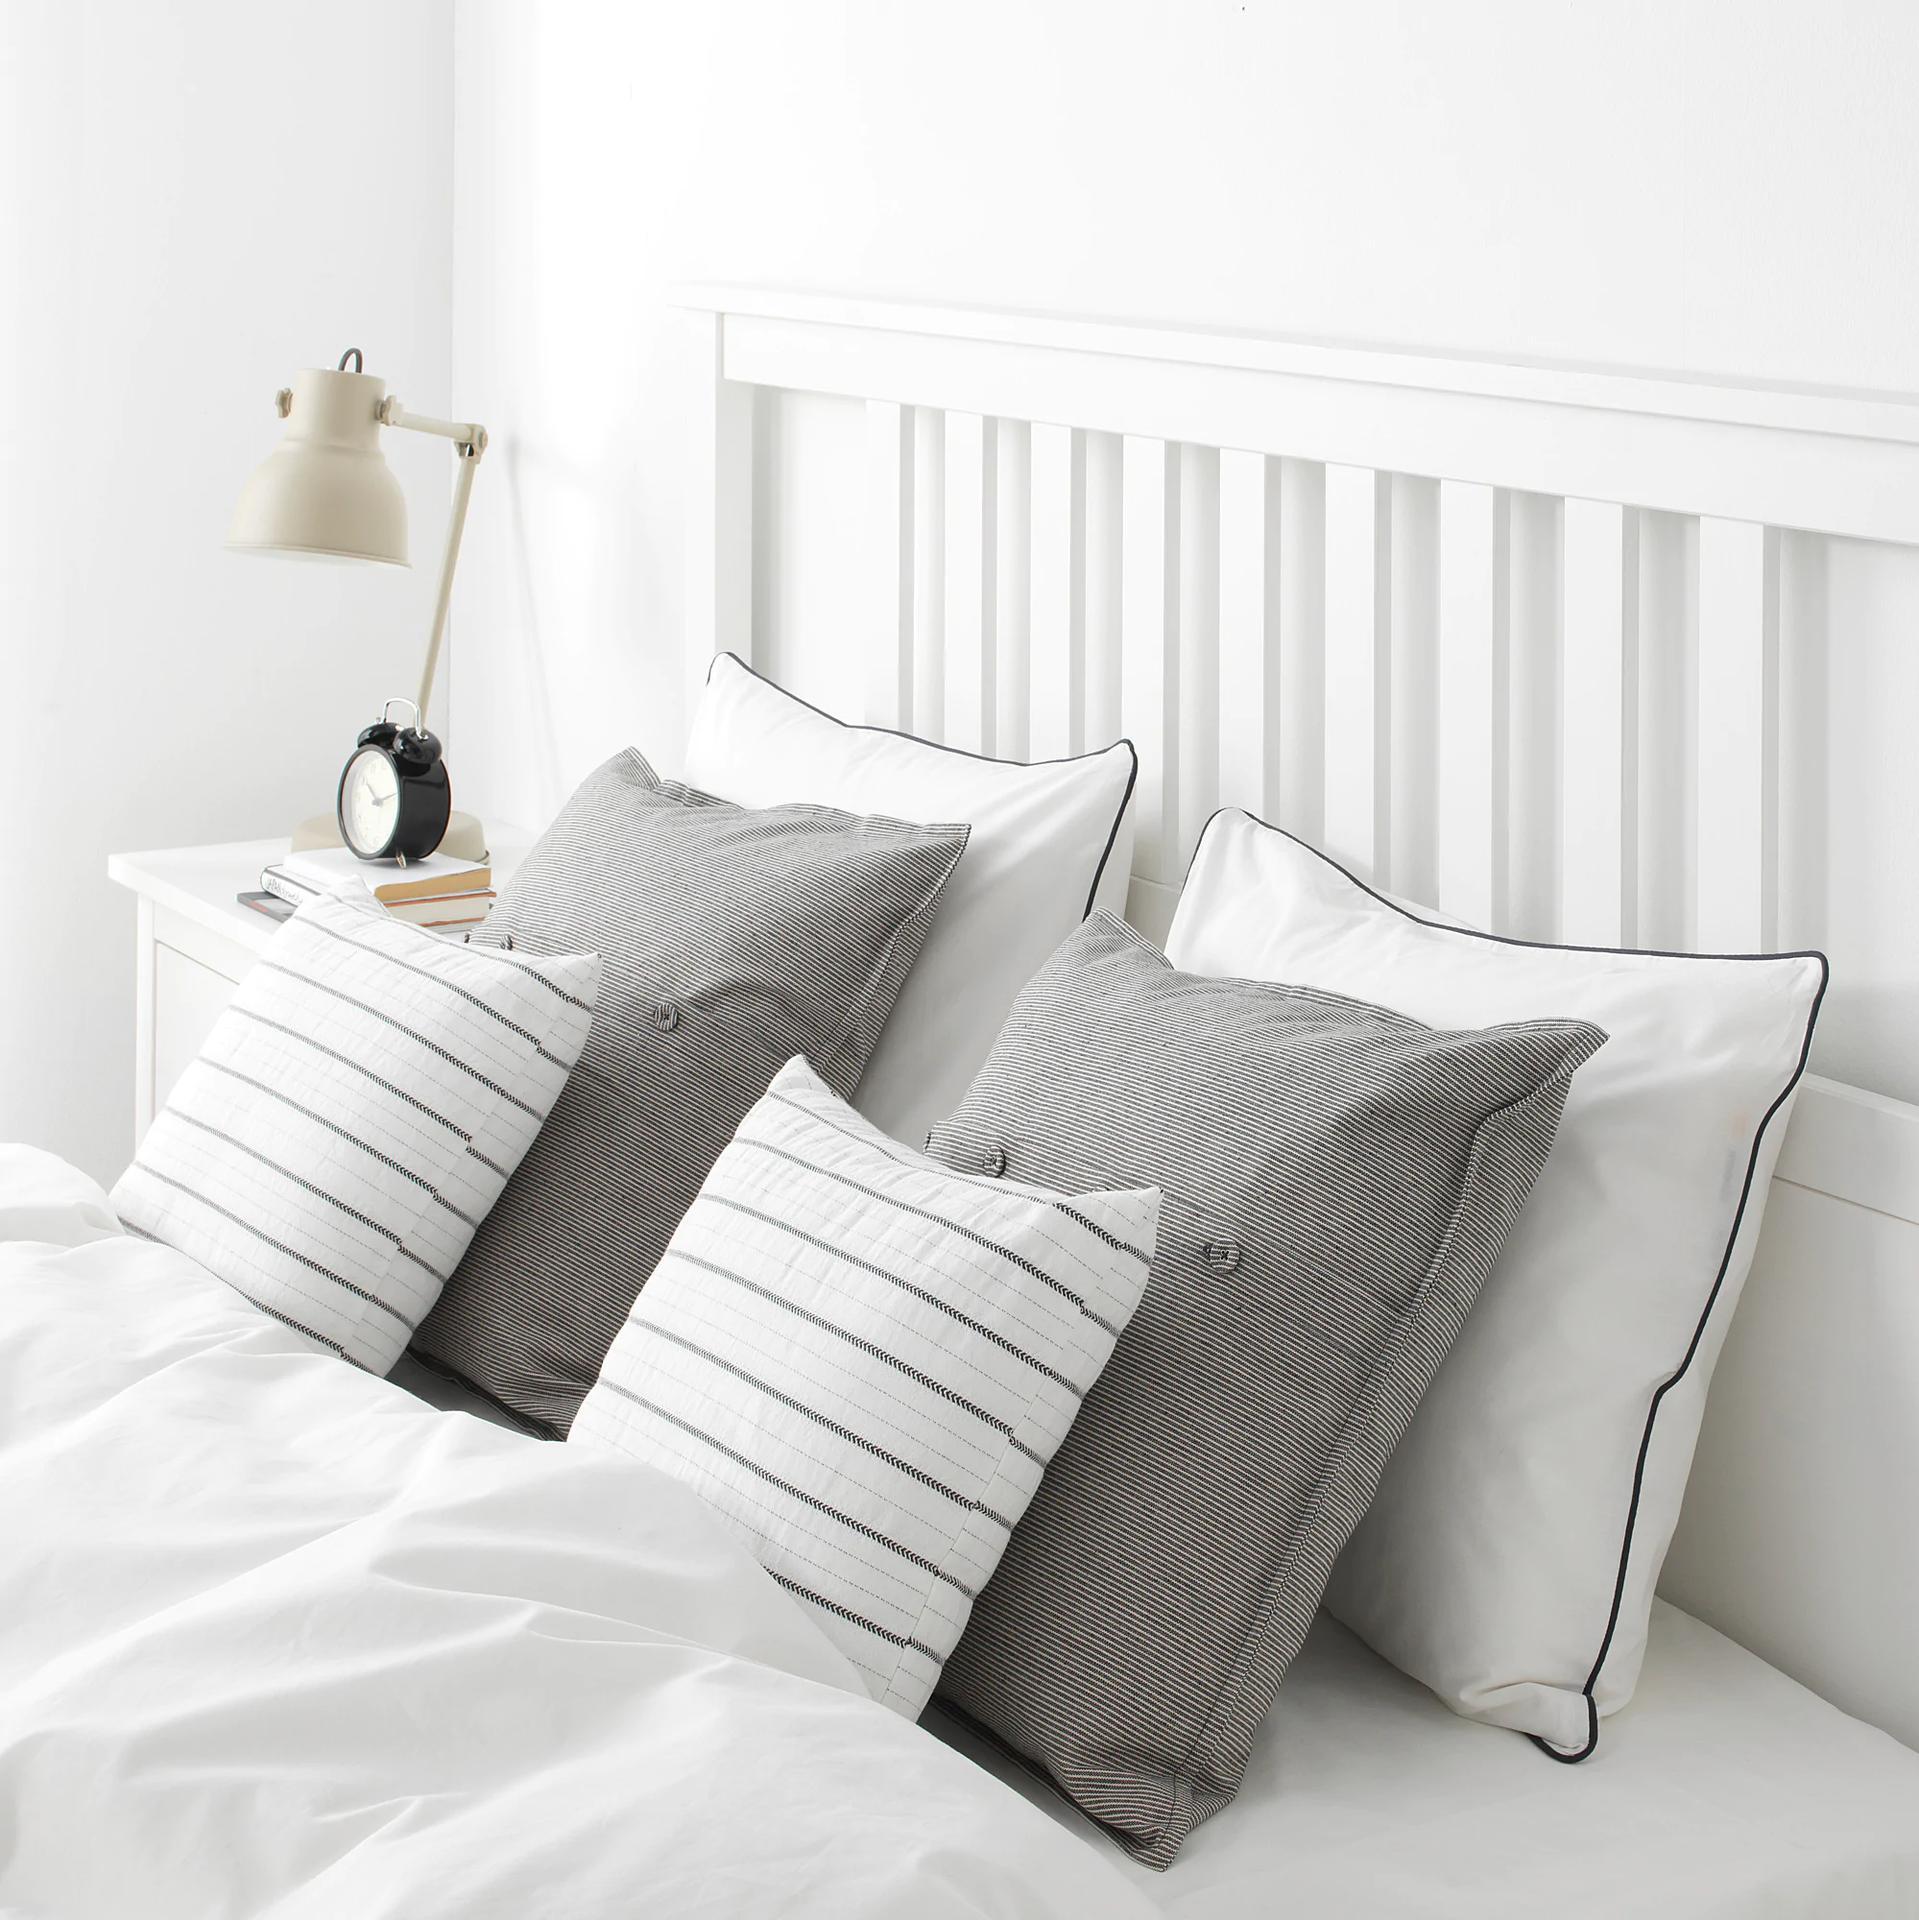 IKEA ... taká tá klasika, jednoduchosť a istota nábytku (album tak pre inšpiráciu ... pre mňa, možno aj pre vás, kto má rád IKEA) - Obrázok č. 85